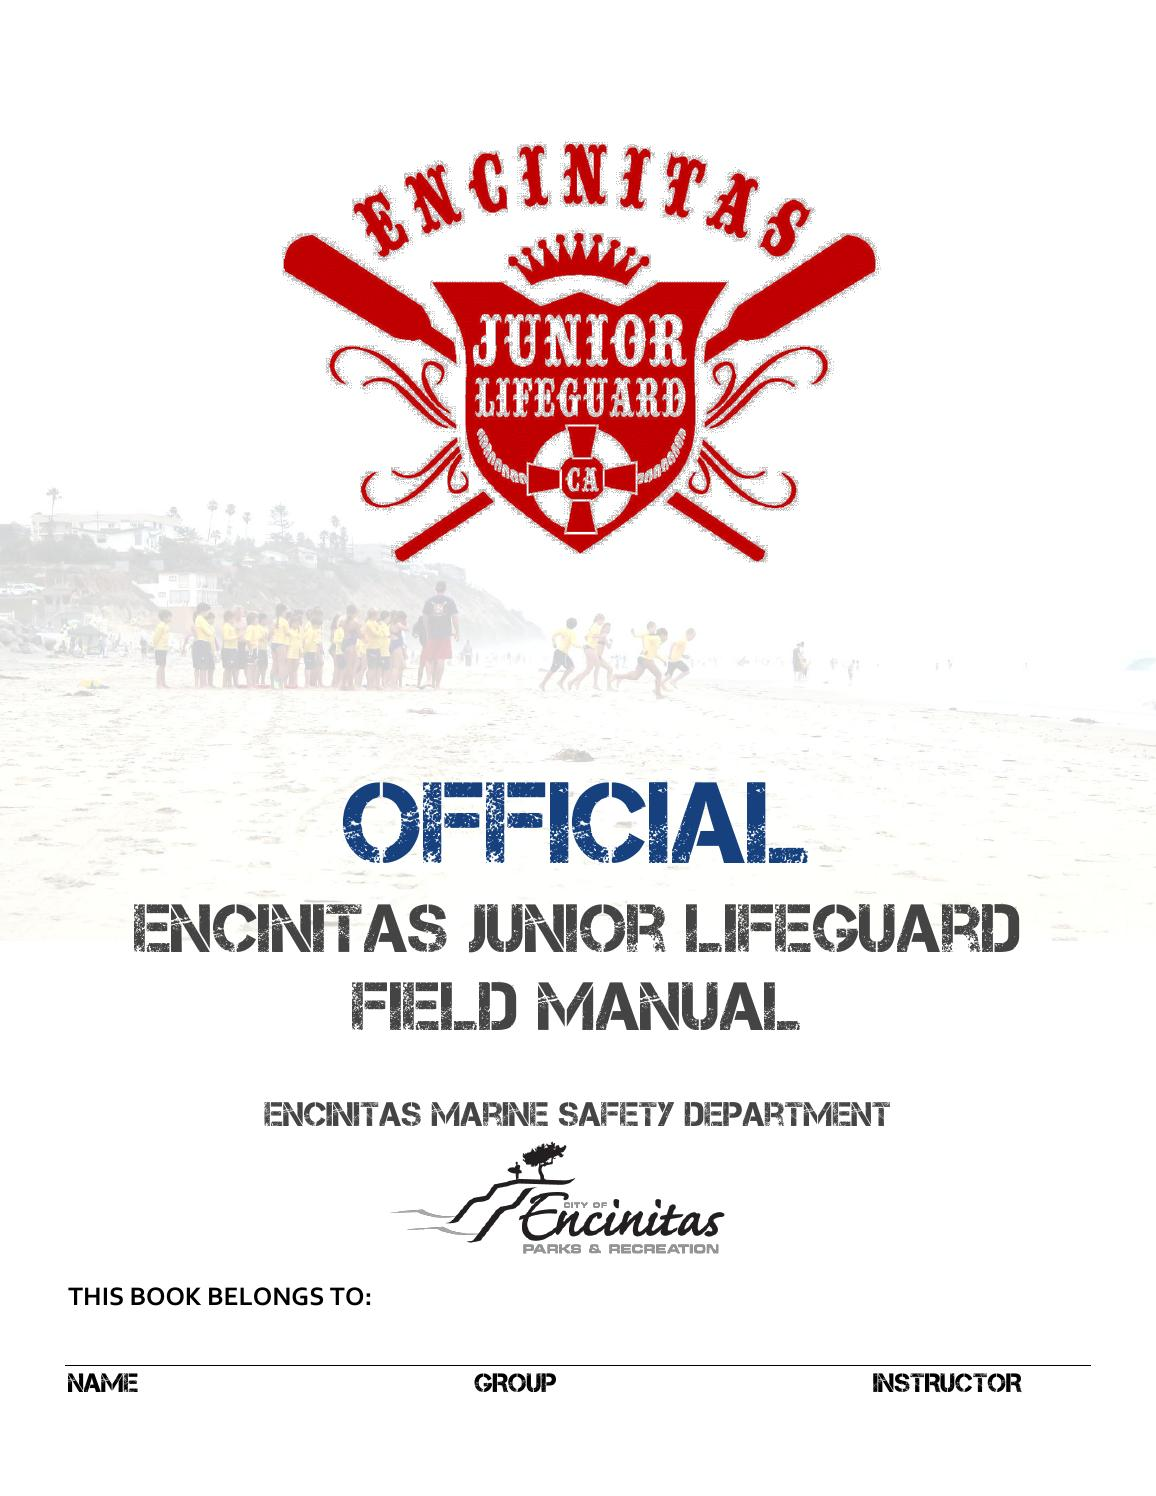 6da4f4811e41 Official Encinitas Junior Lifeguard Field Manual by Encinitas Parks and Rec  - issuu